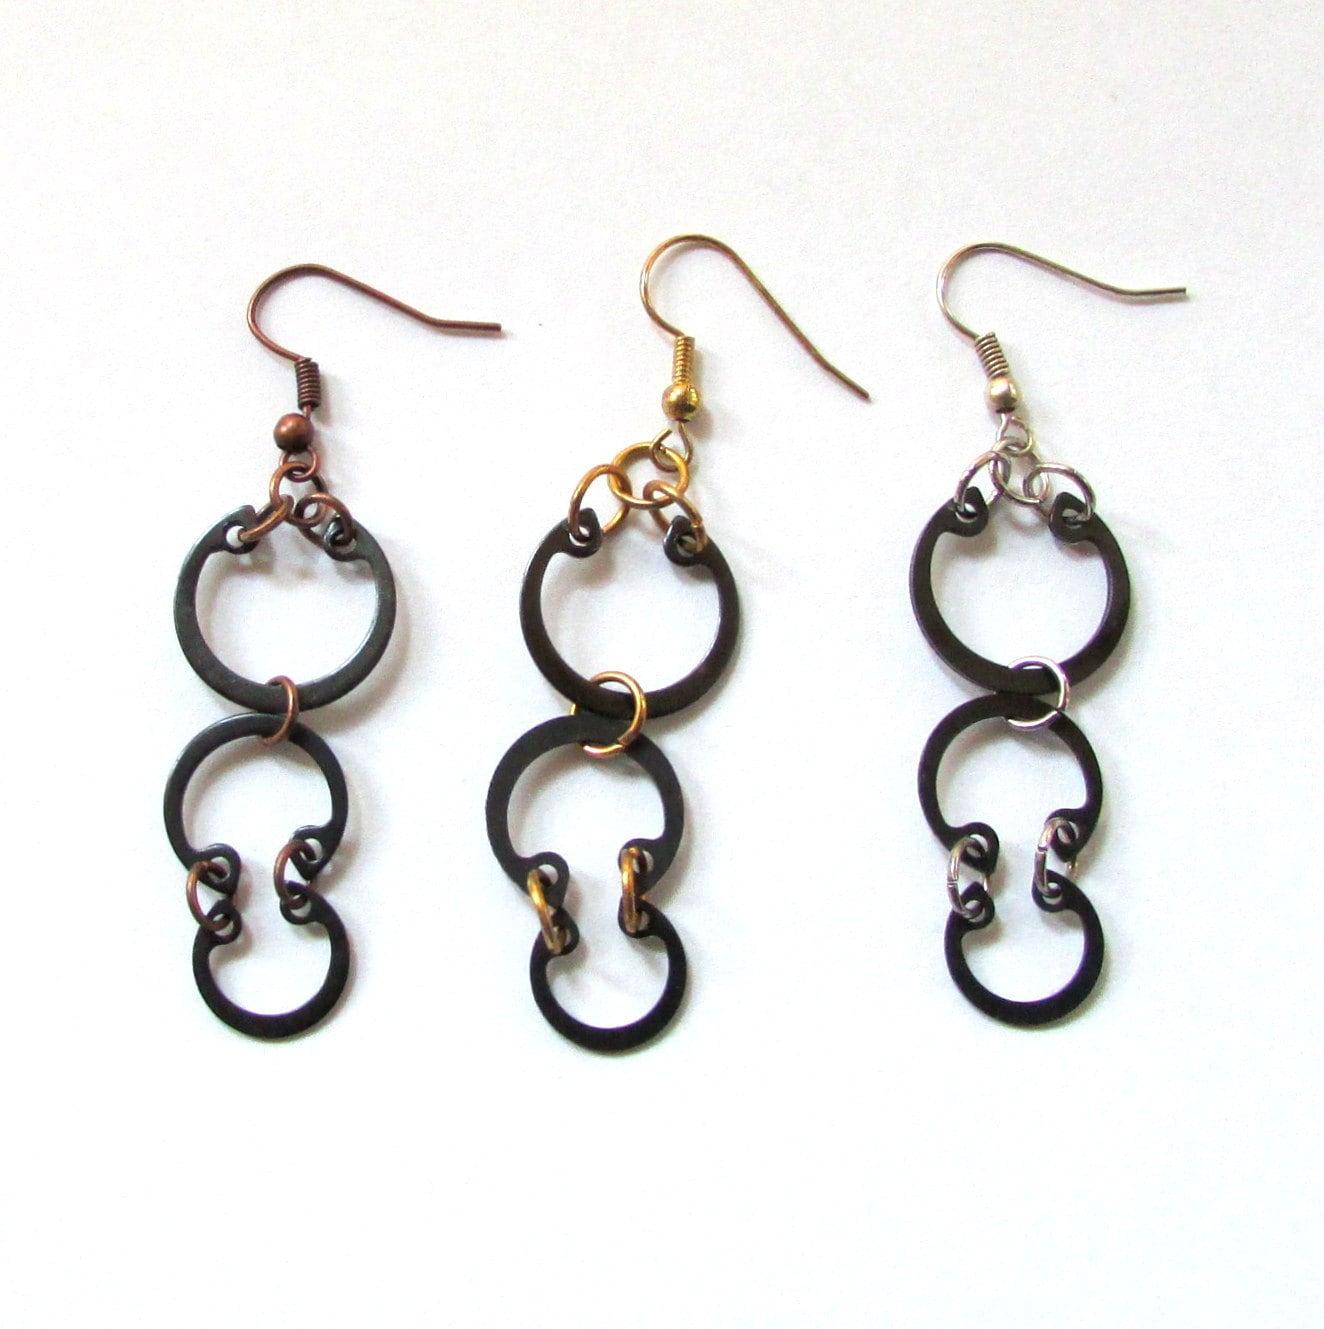 industrial earrings black metal earrings hardware earrings